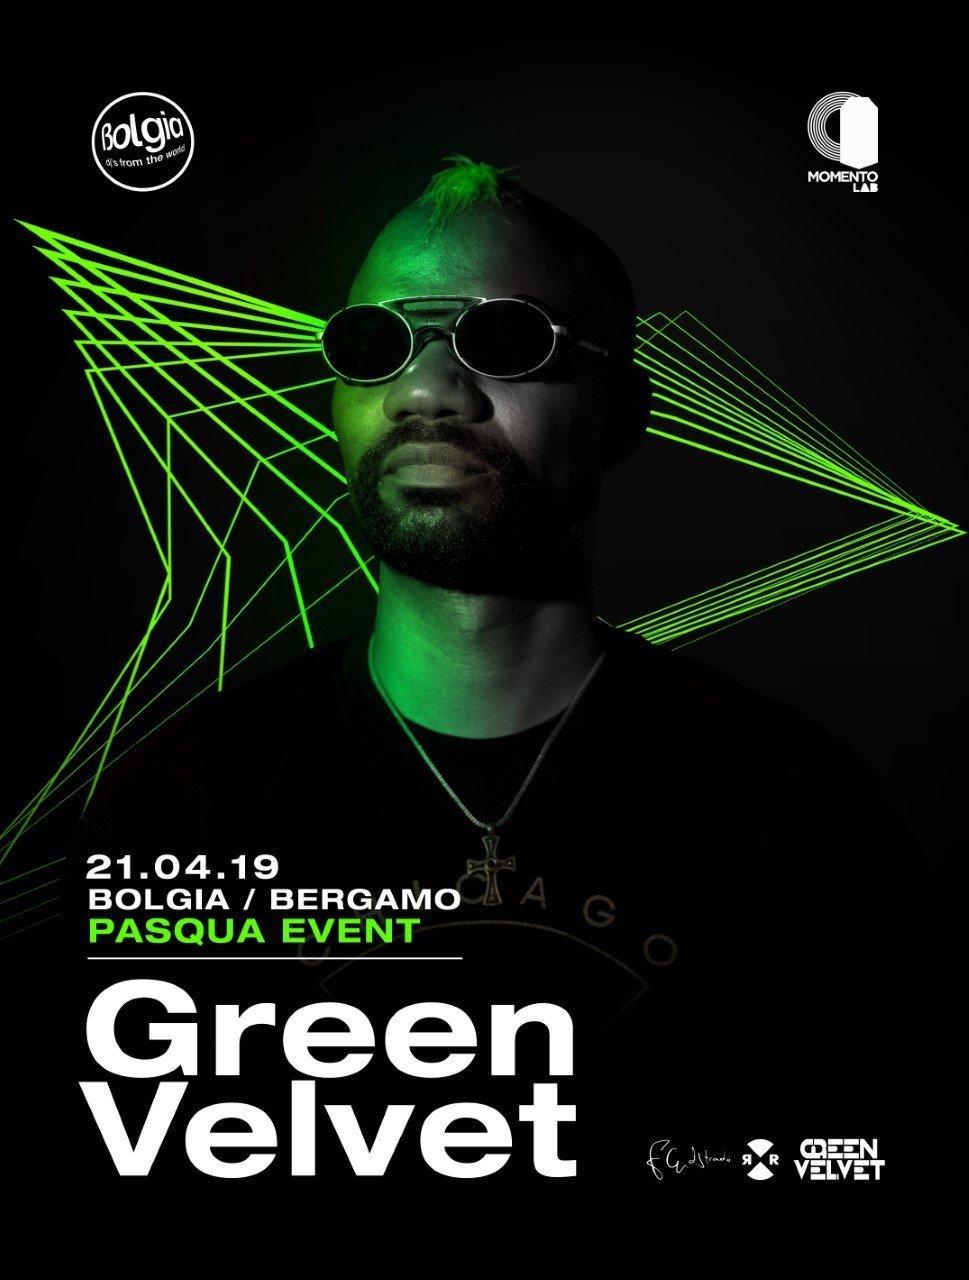 Bolgia Green Velvet